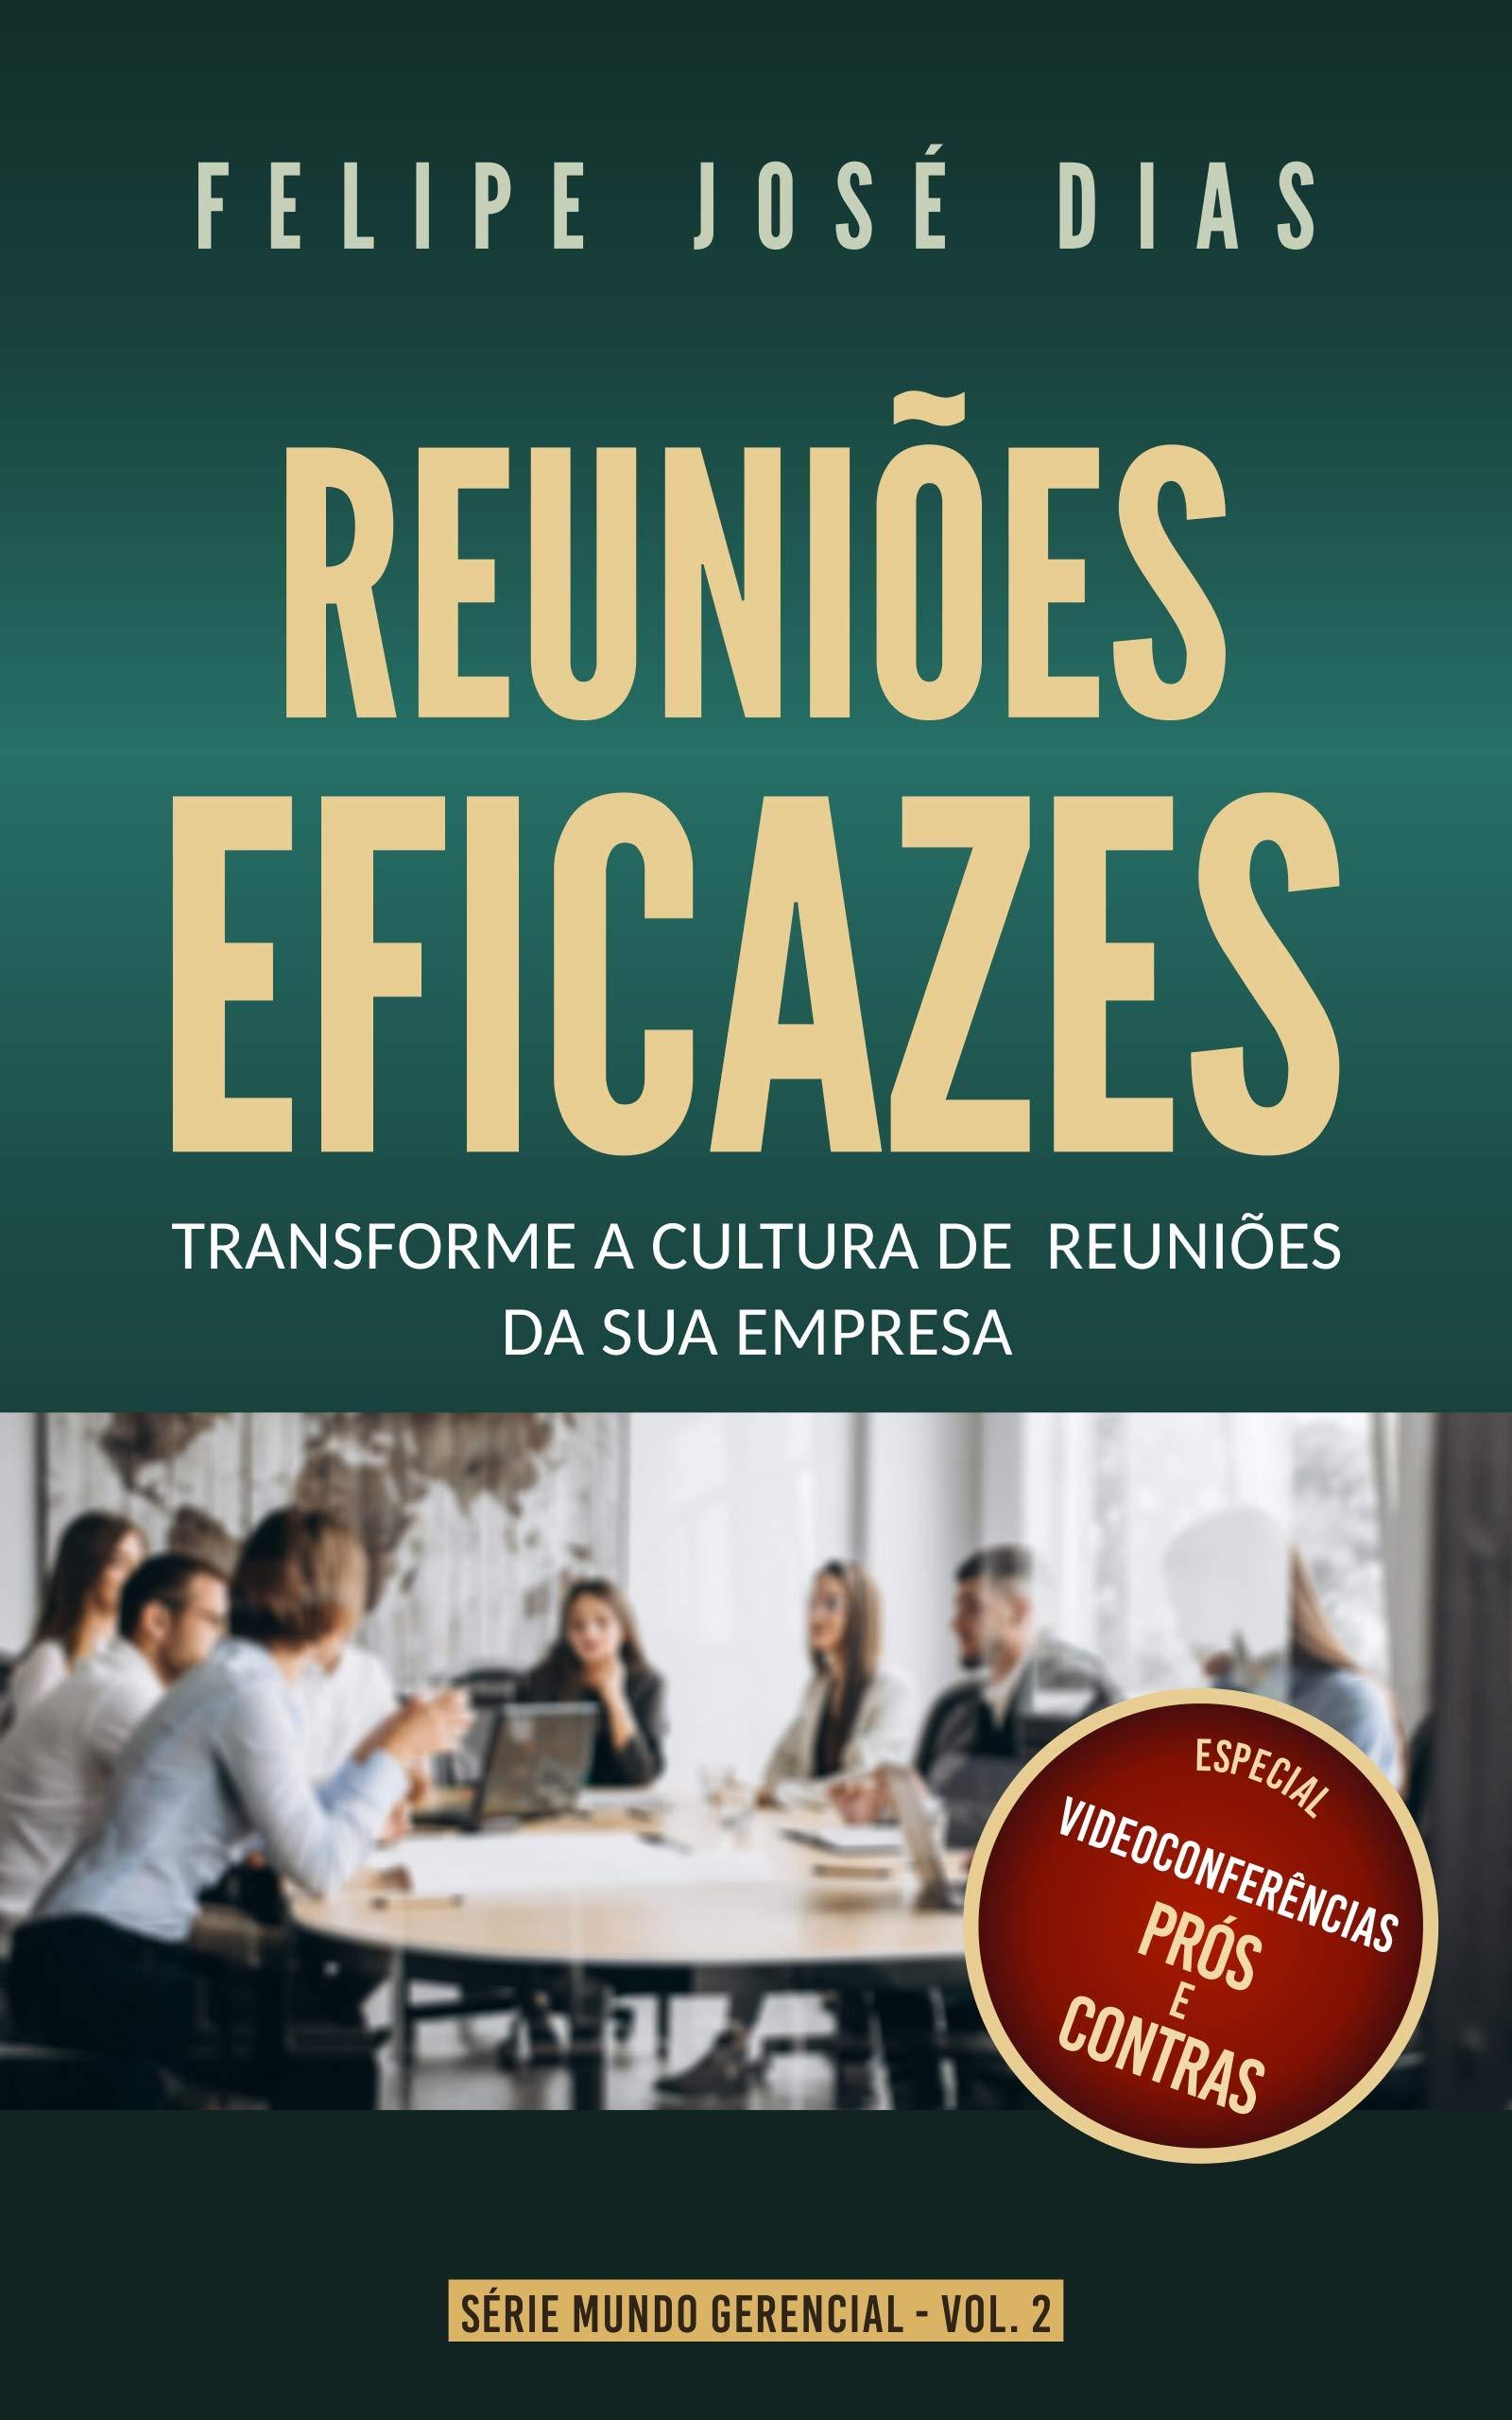 Reuniões Eficazes: Transforme a Cultura de Reuniões de Sua Empresa (Mundo Gerencial Livro 2) (Portuguese Edition)